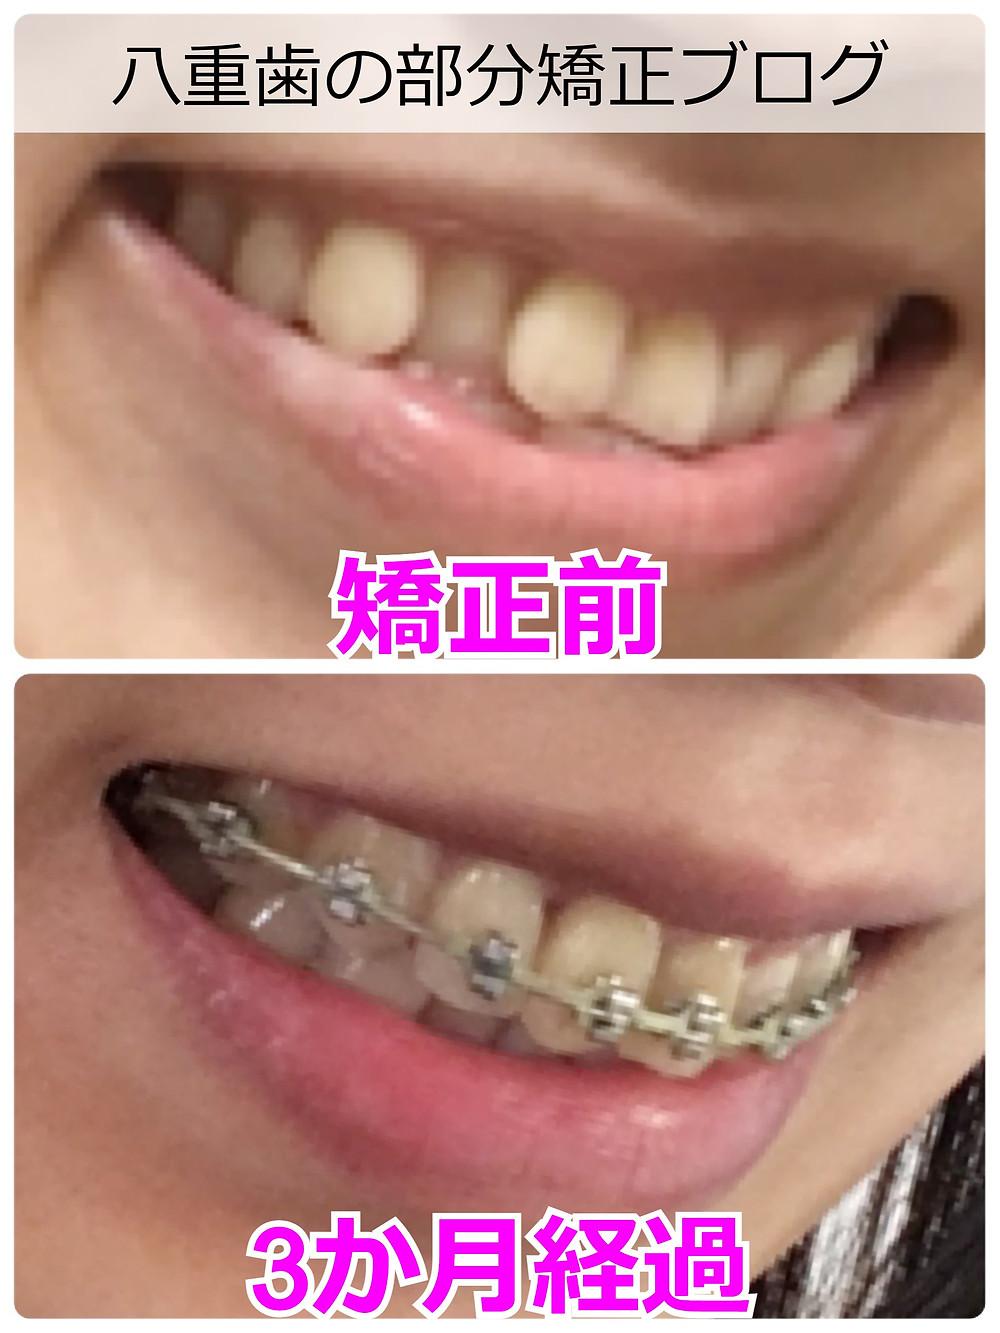 八重歯の部分矯正スタートから3か月・比較画像(横から)